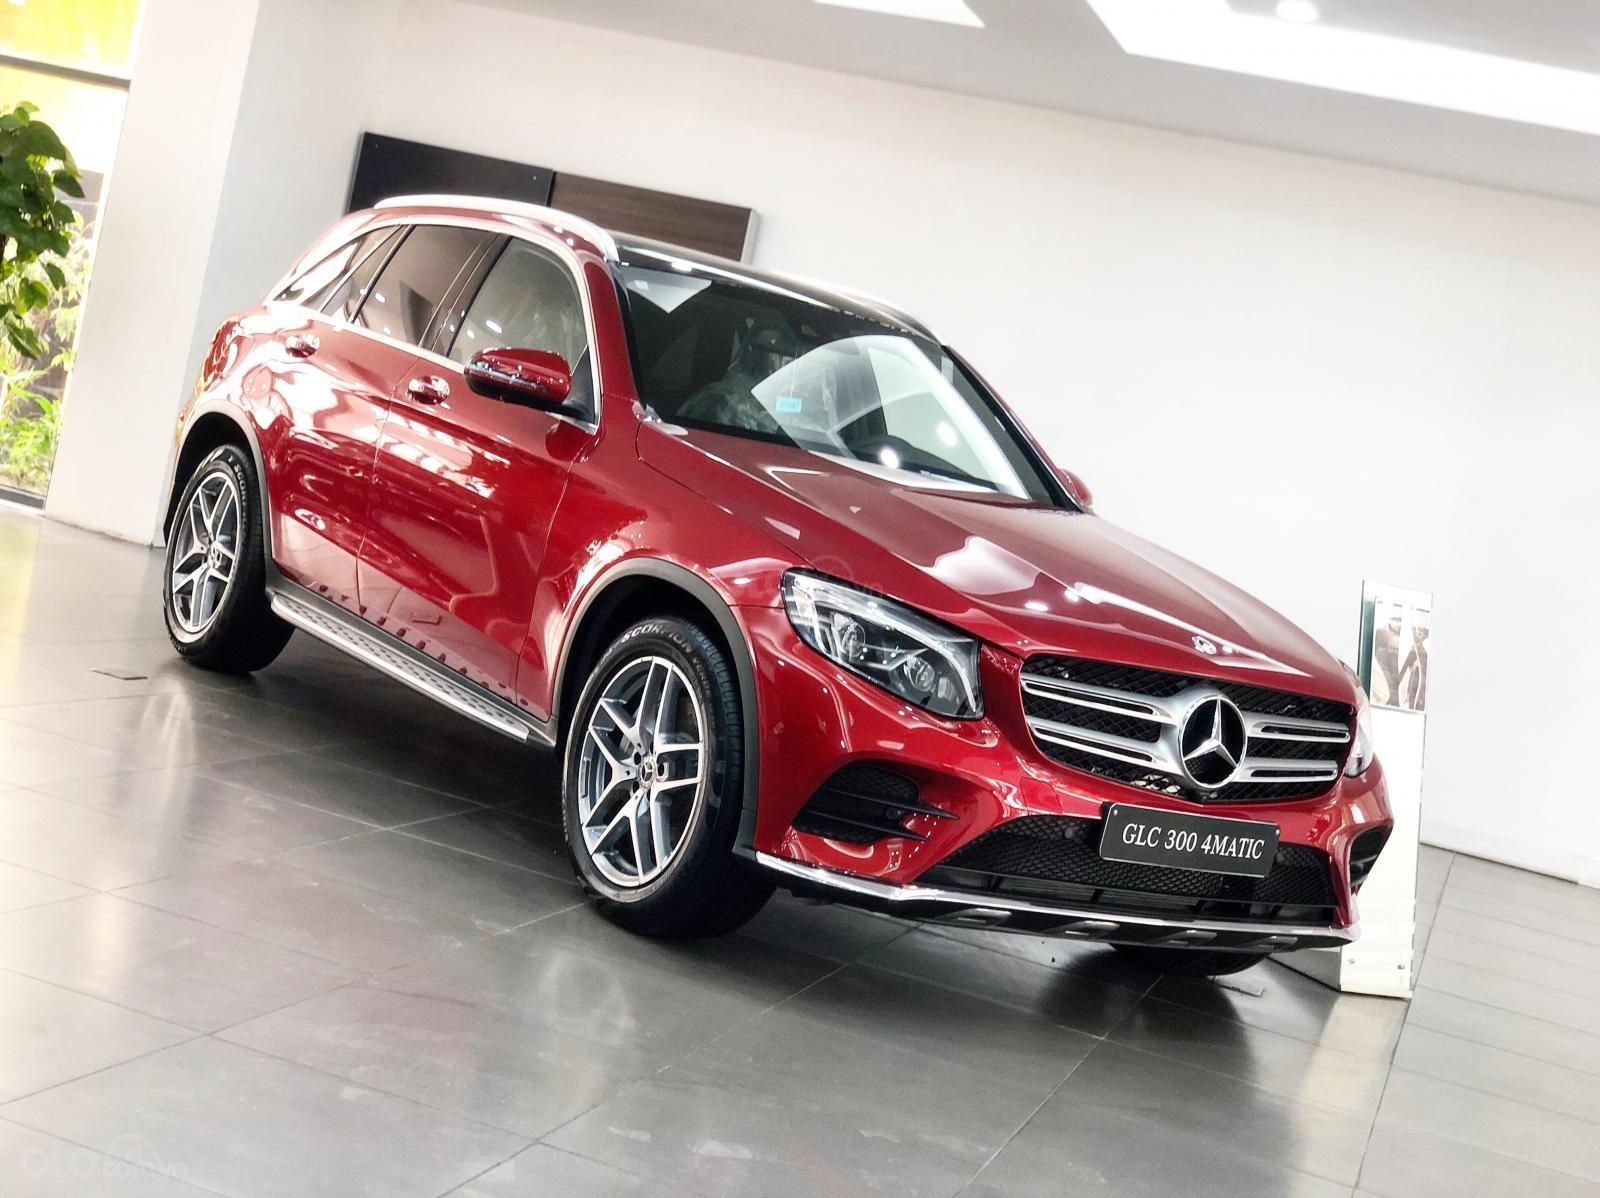 Giá xe Mercedes GLC300 2019 tốt nhất - Đủ màu giao ngay (1)